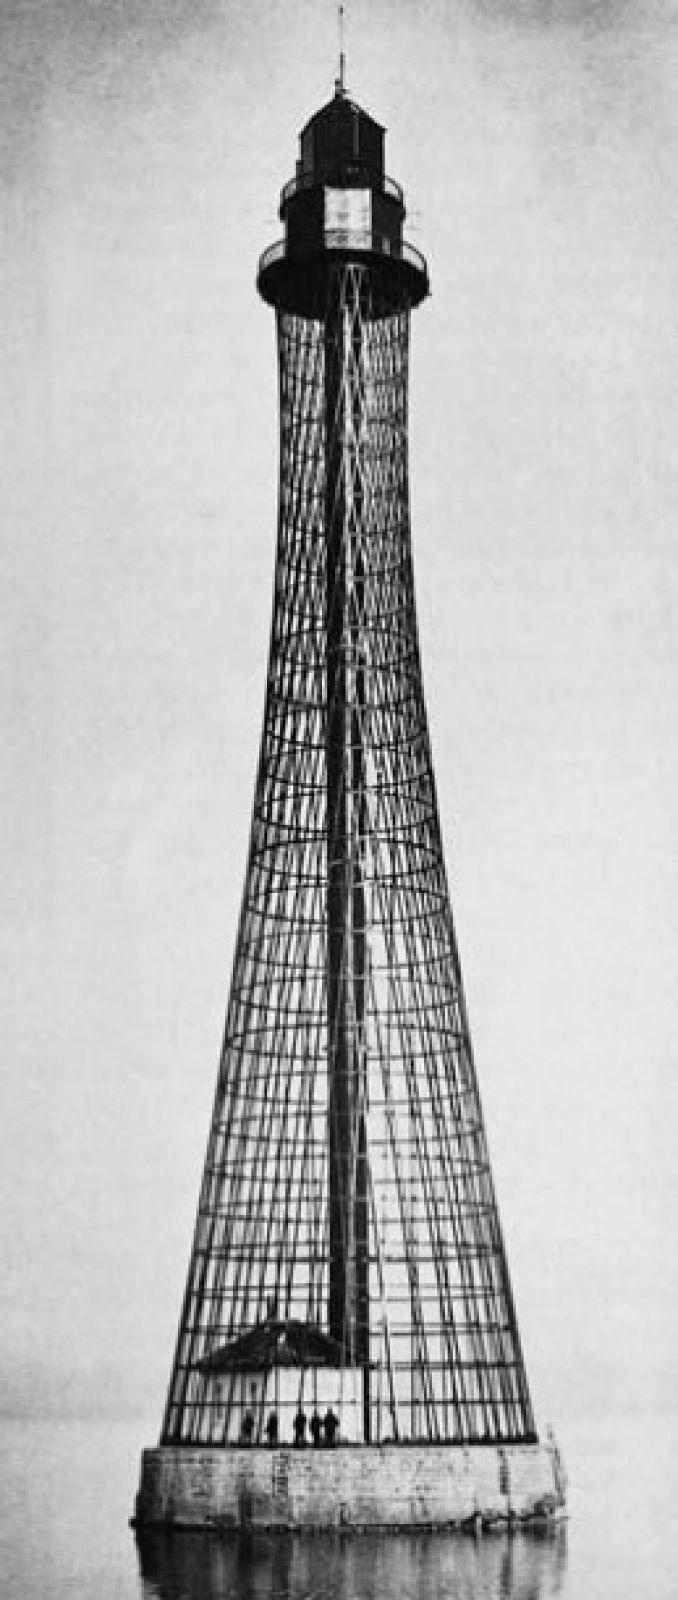 После выставки по проектам Шухова началось строительство подобных башен во всех концах империи. 70-метровый сетчатый стальной Аджигольский маяк под Херсоном — самая высокая односекционная гиперболоидная конструкция инженера.